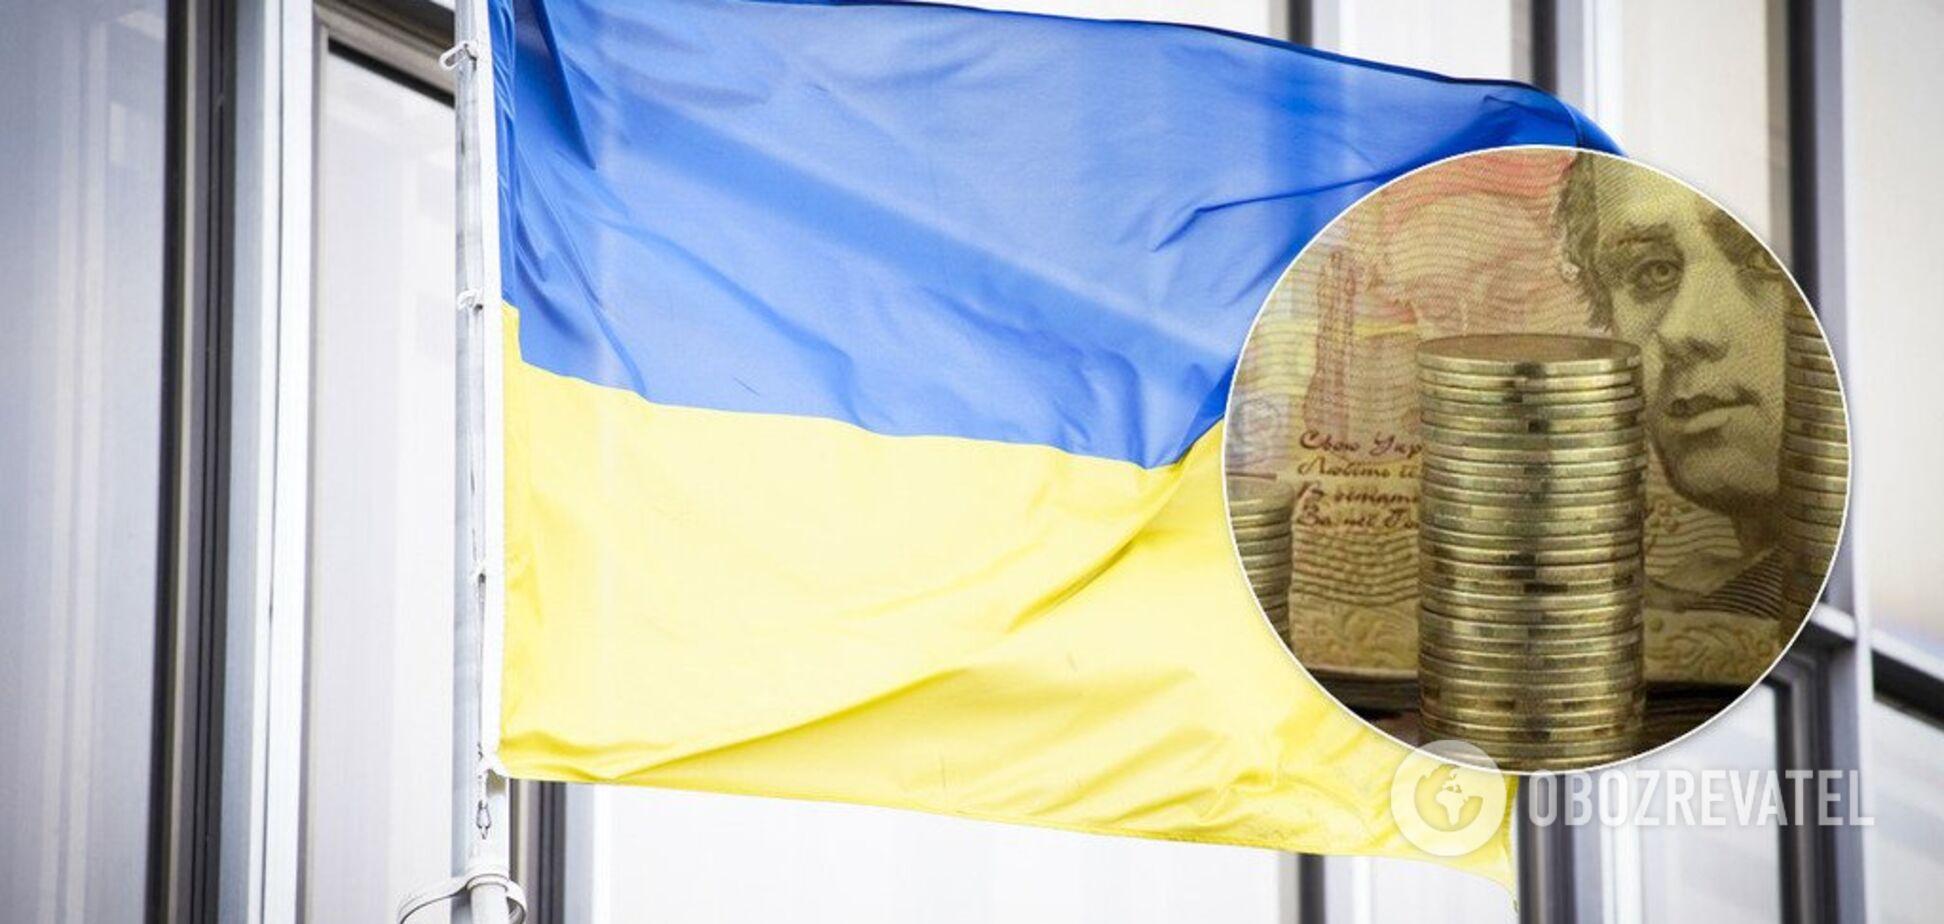 Маркарова объяснила, почему возникли серьезные проблемы с бюджетом Украины